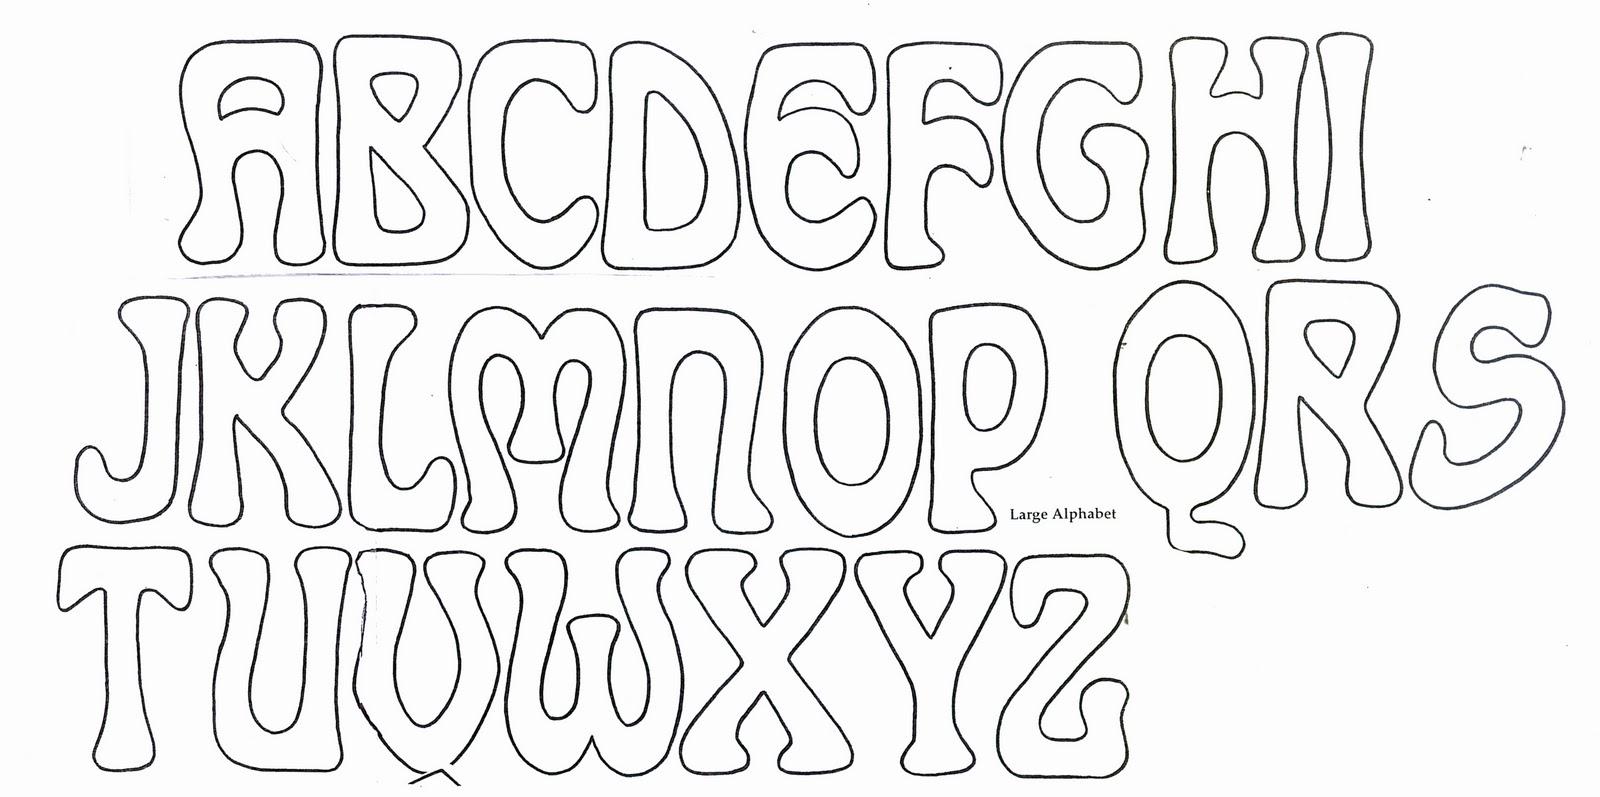 big bubble letters Targer golden dragon